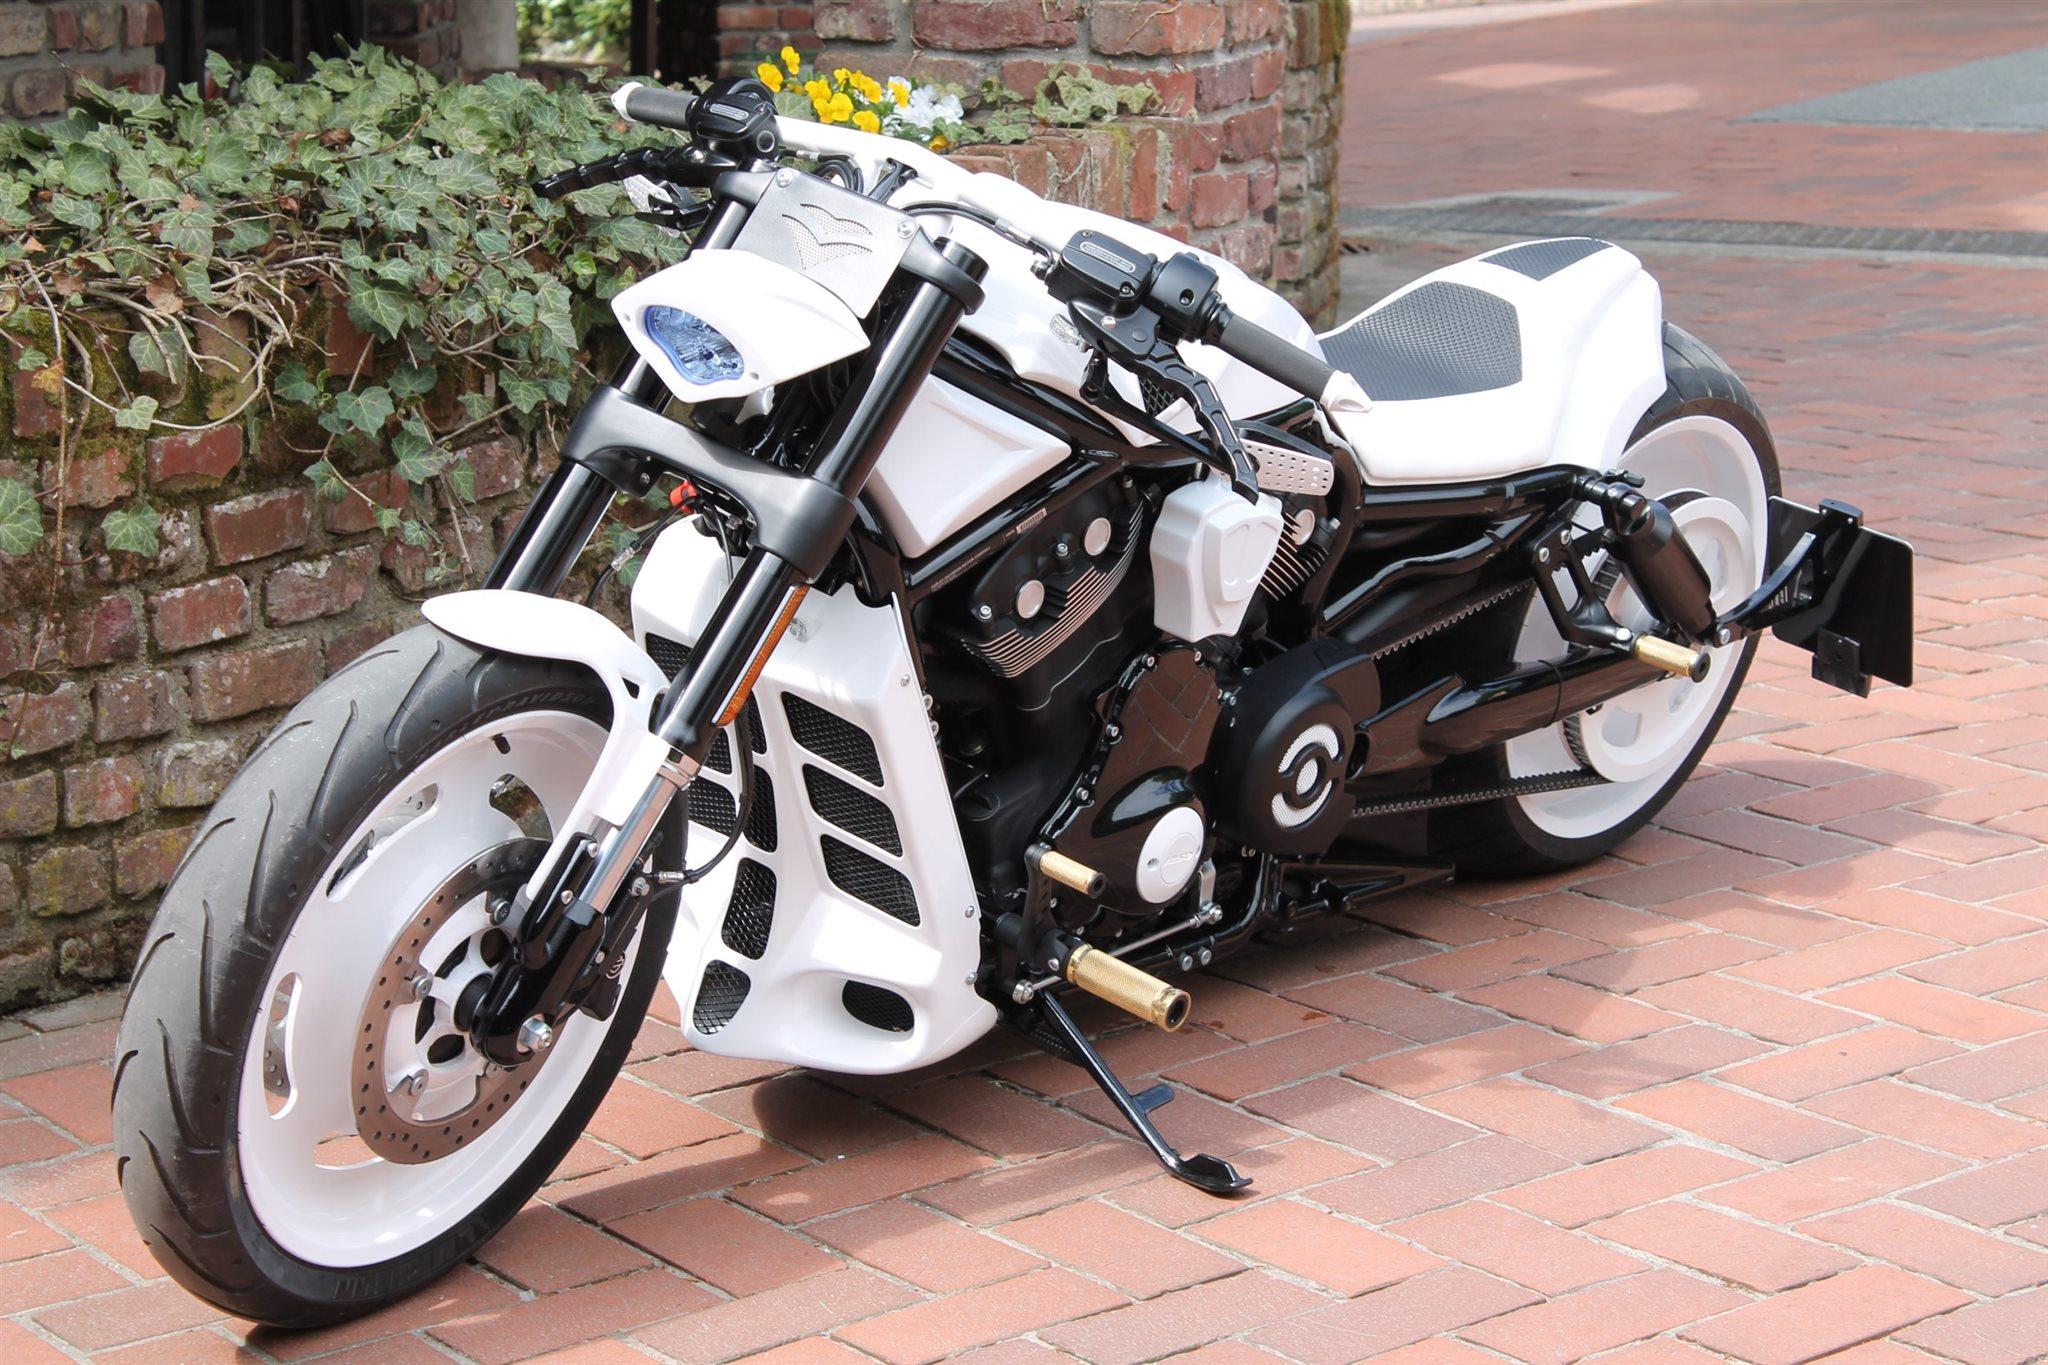 umgebautes motorrad harley davidson night rod special vrscdx von x trem lotter harley import. Black Bedroom Furniture Sets. Home Design Ideas